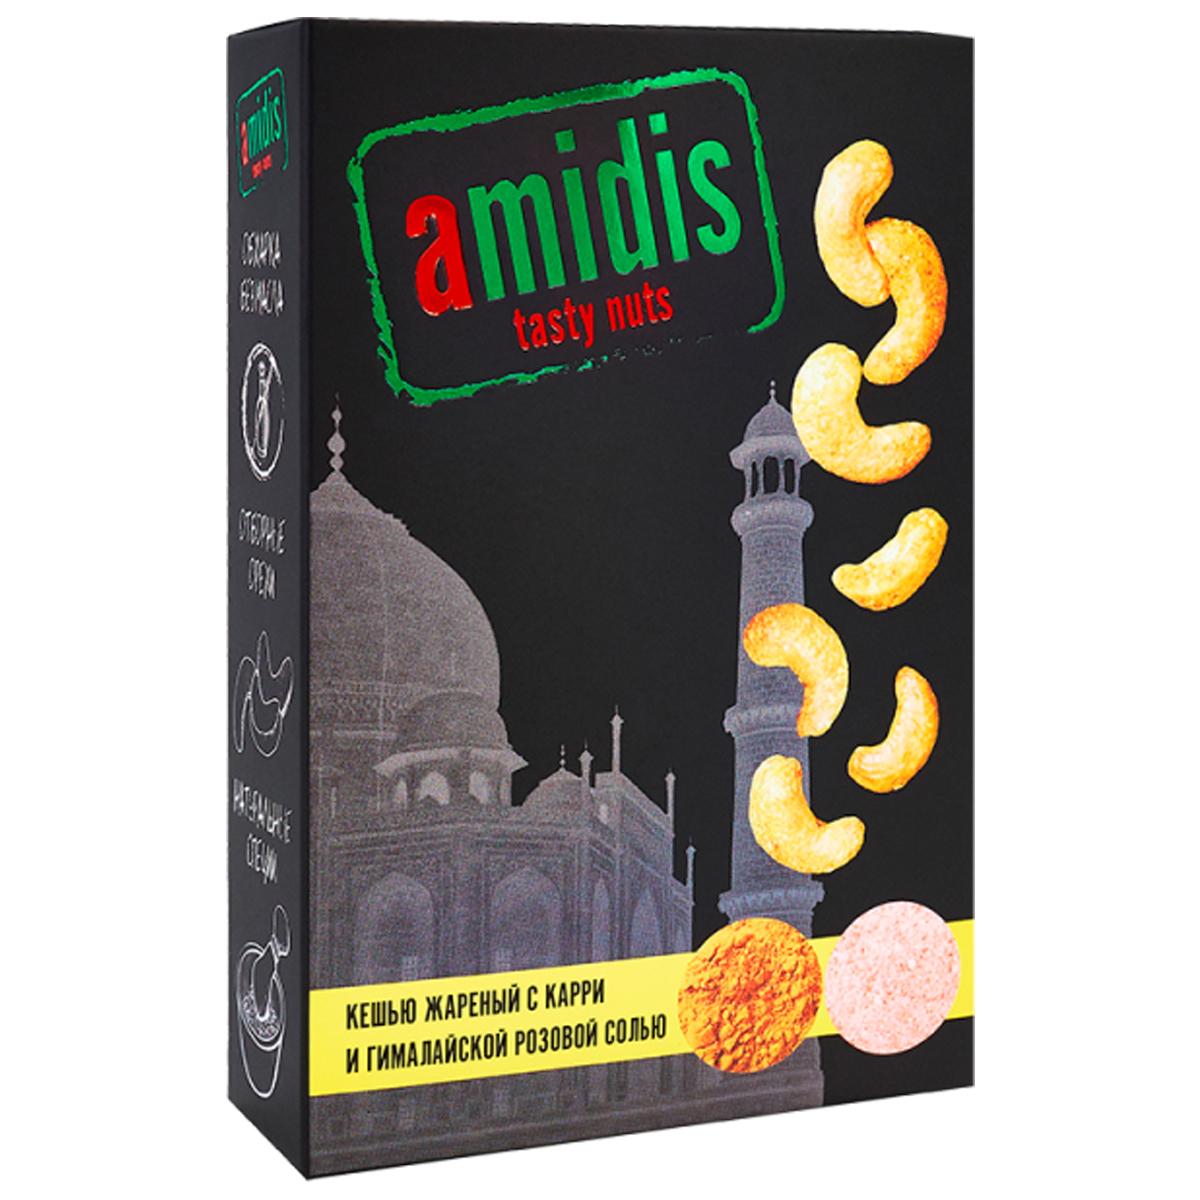 Amidis Кешью жаренный с карри и гималайской розовой солью, 80 г